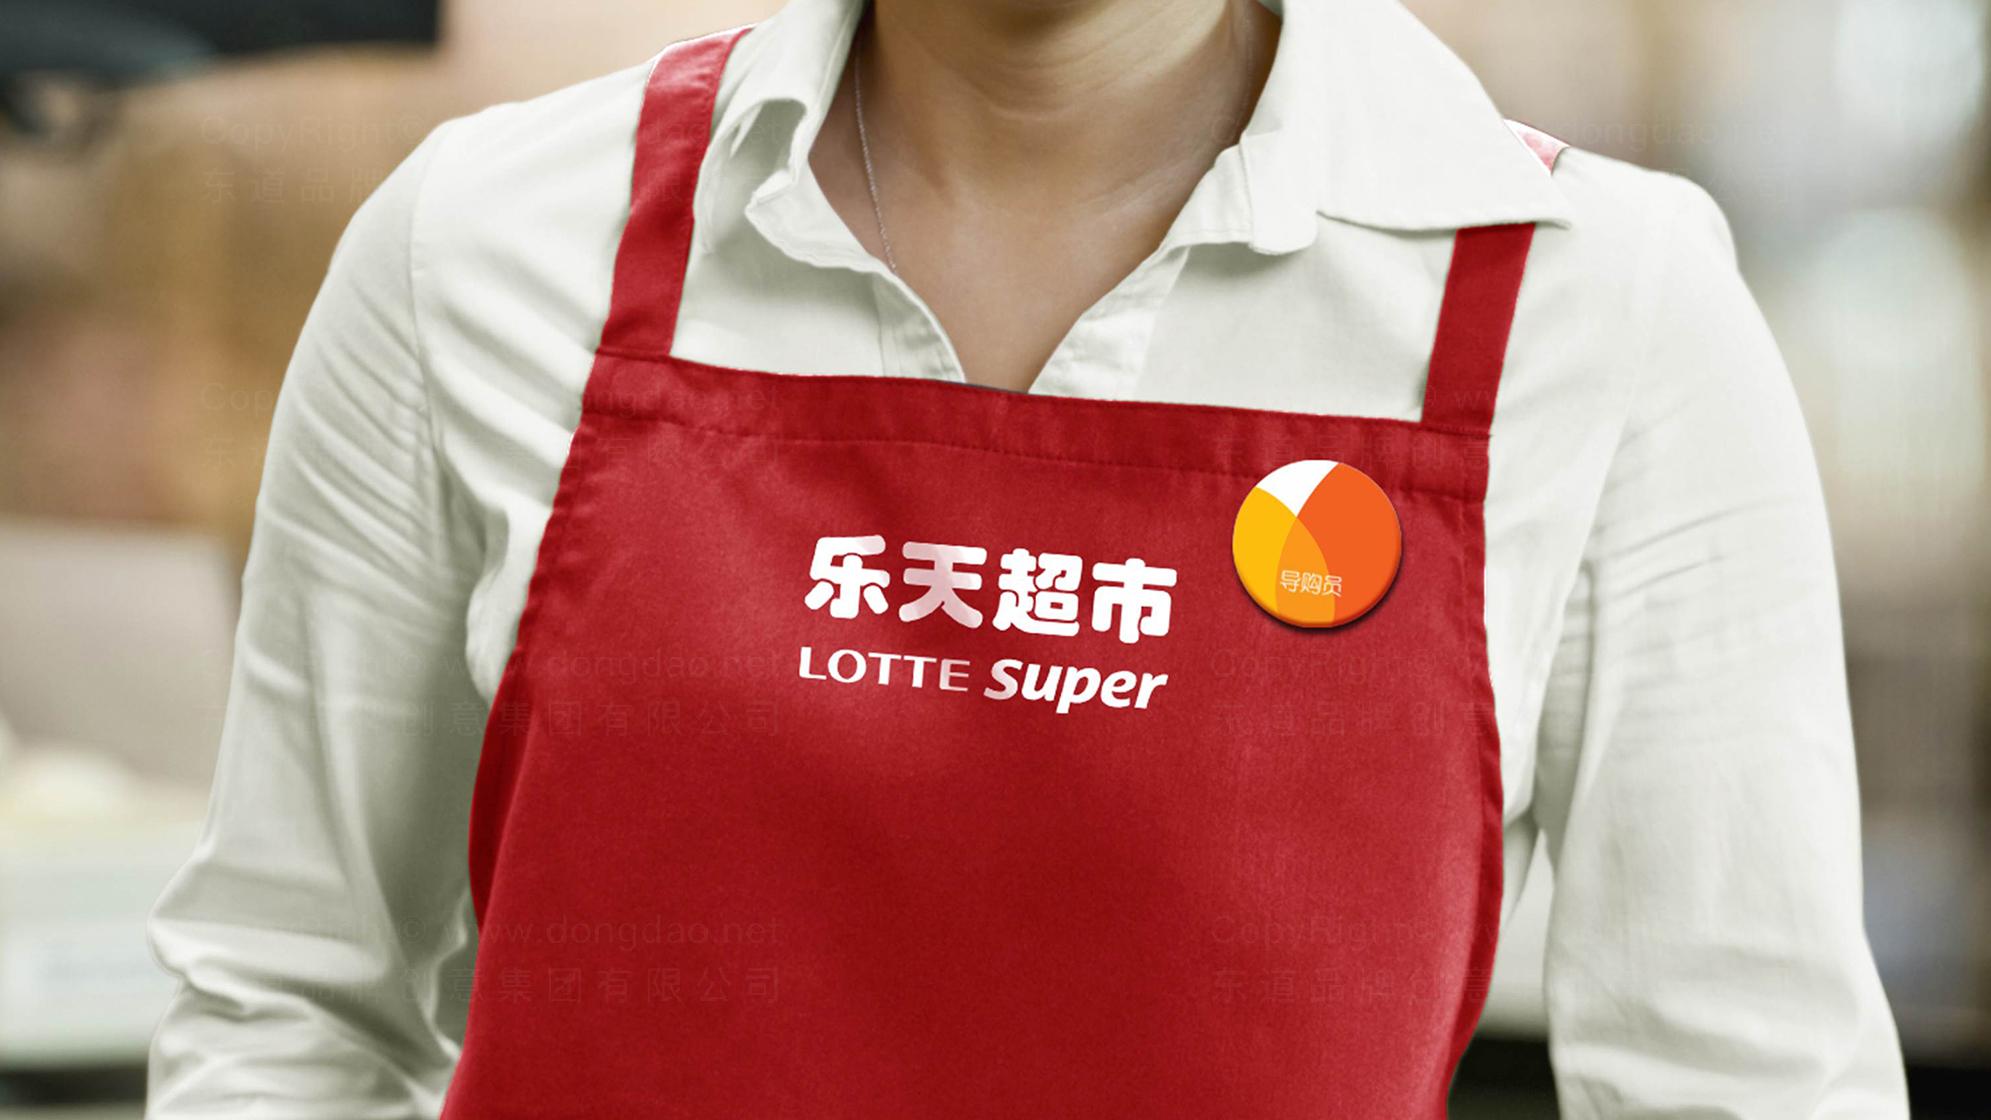 品牌设计乐天超市LOGO&VI设计应用场景_4